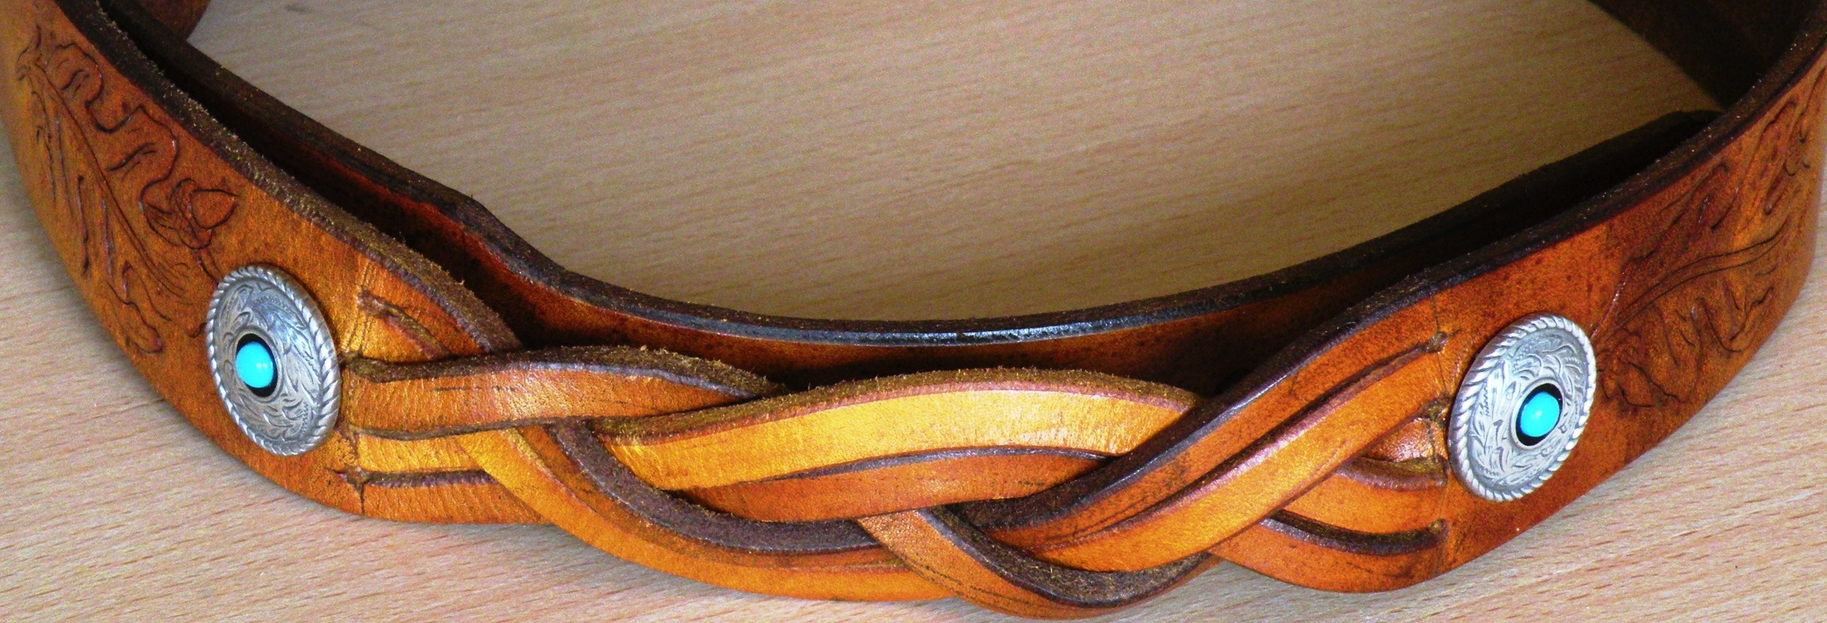 bSrtJfEdSSN7k064IUWL_Leather-belt-.png